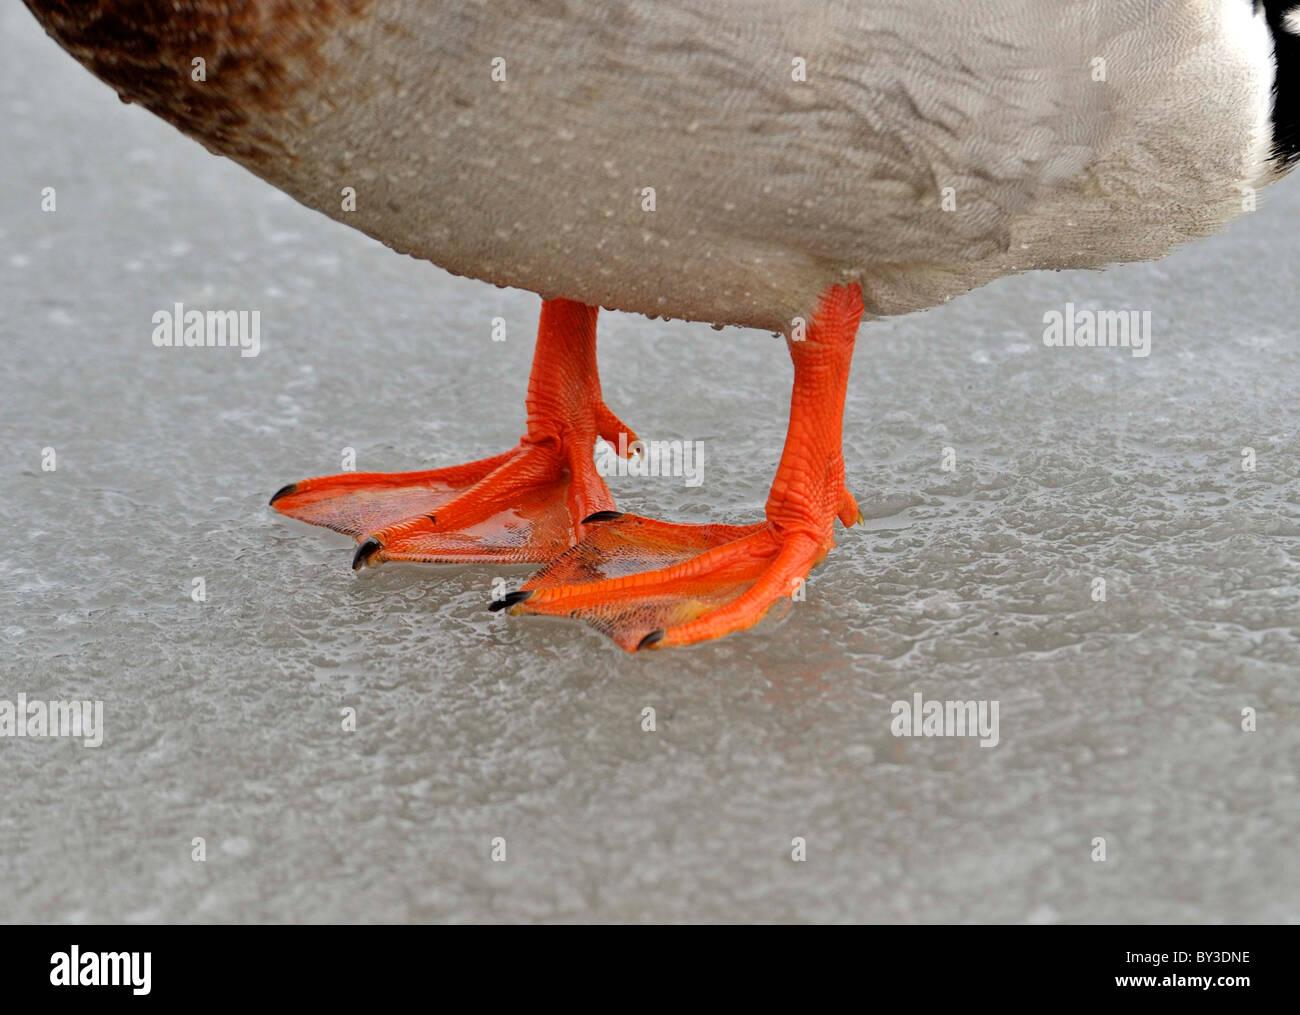 Arten von Vogels Füße. Auf dem Eis. ENTE. SCHWIMMHÄUTEN Stockbild